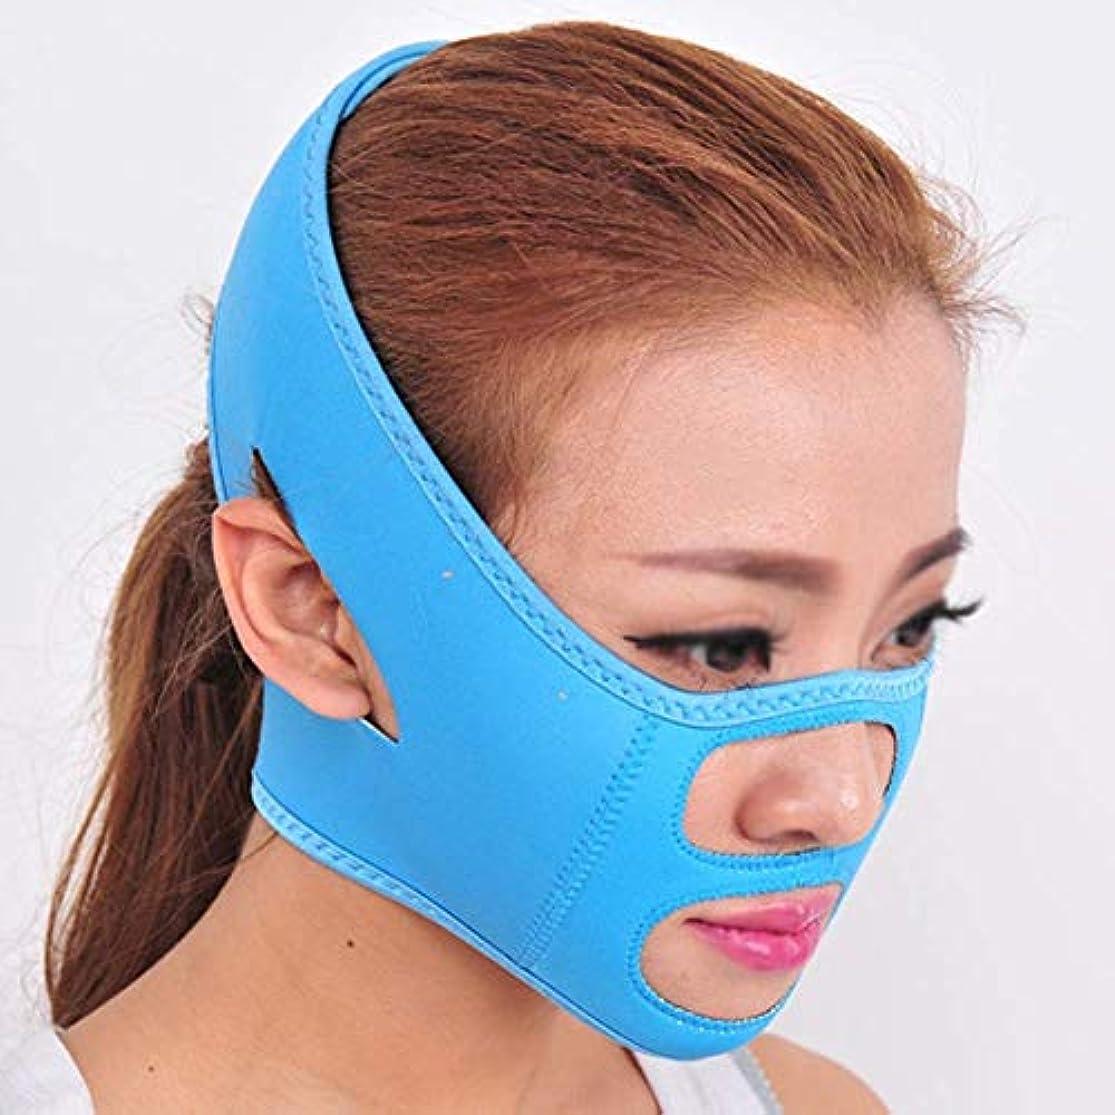 出しますファンリテラシーチンストラップ、フェイスリフティングマスク、ダブルチン、フェイスリフティングに最適、リフティングフェイシャルスキン、フェイシャル減量マスク、フェイスリフティングベルト(フリーサイズ)(カラー:ブルー),青